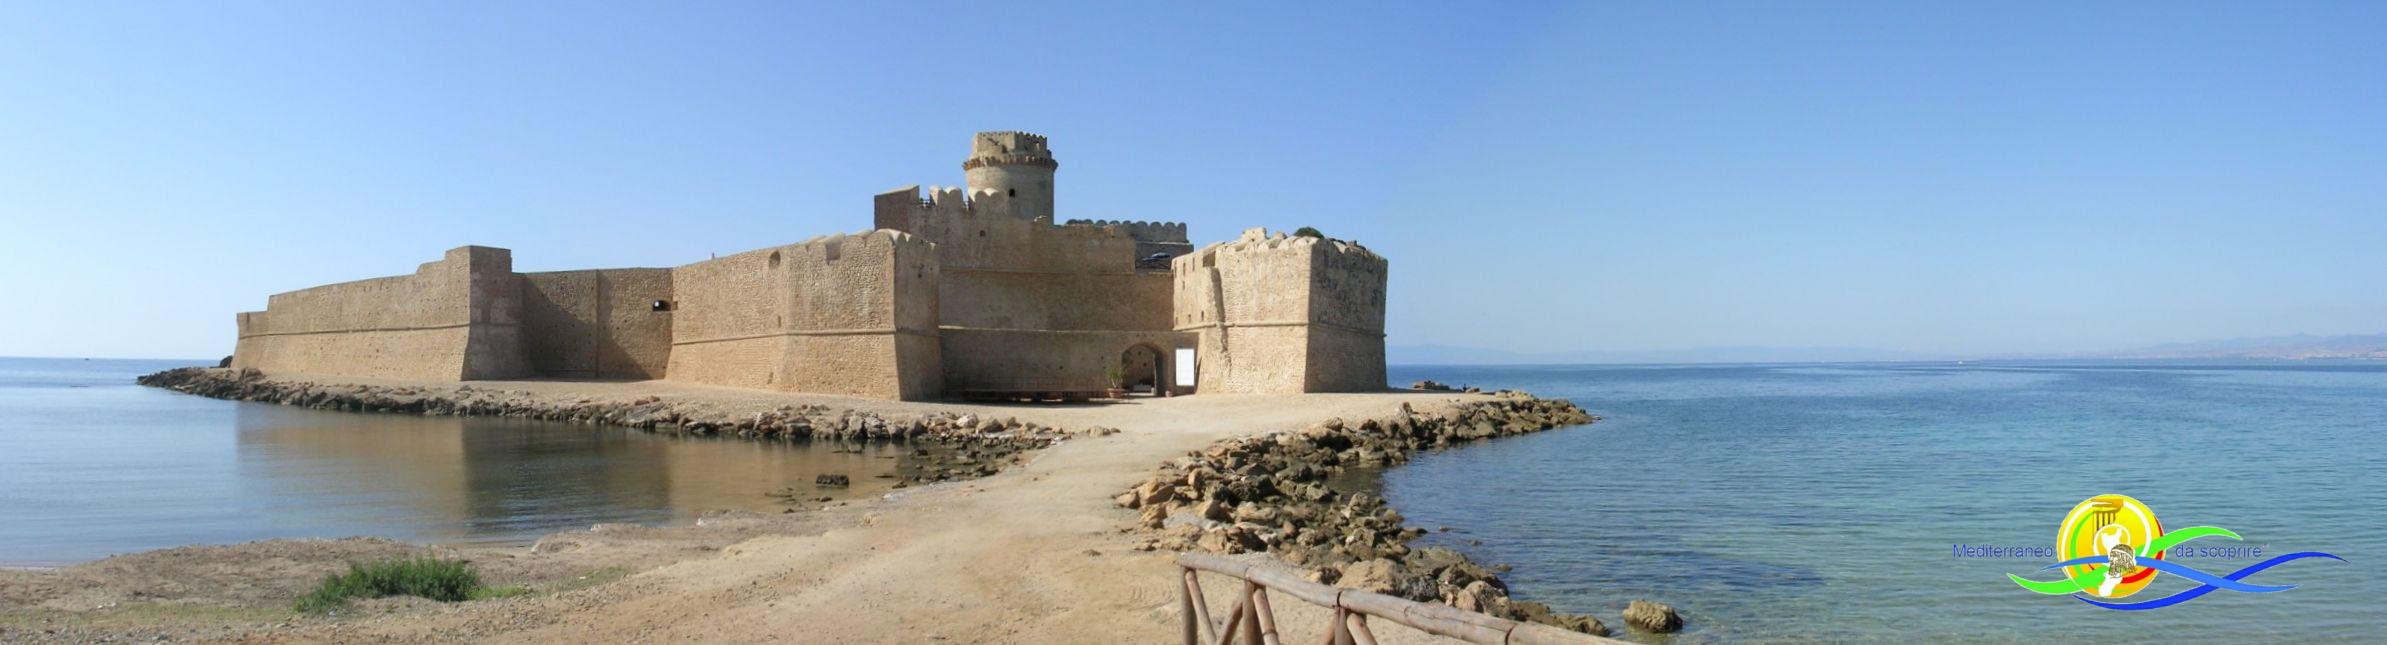 Mediterraneo da scoprire-Tropea-Le-Castella